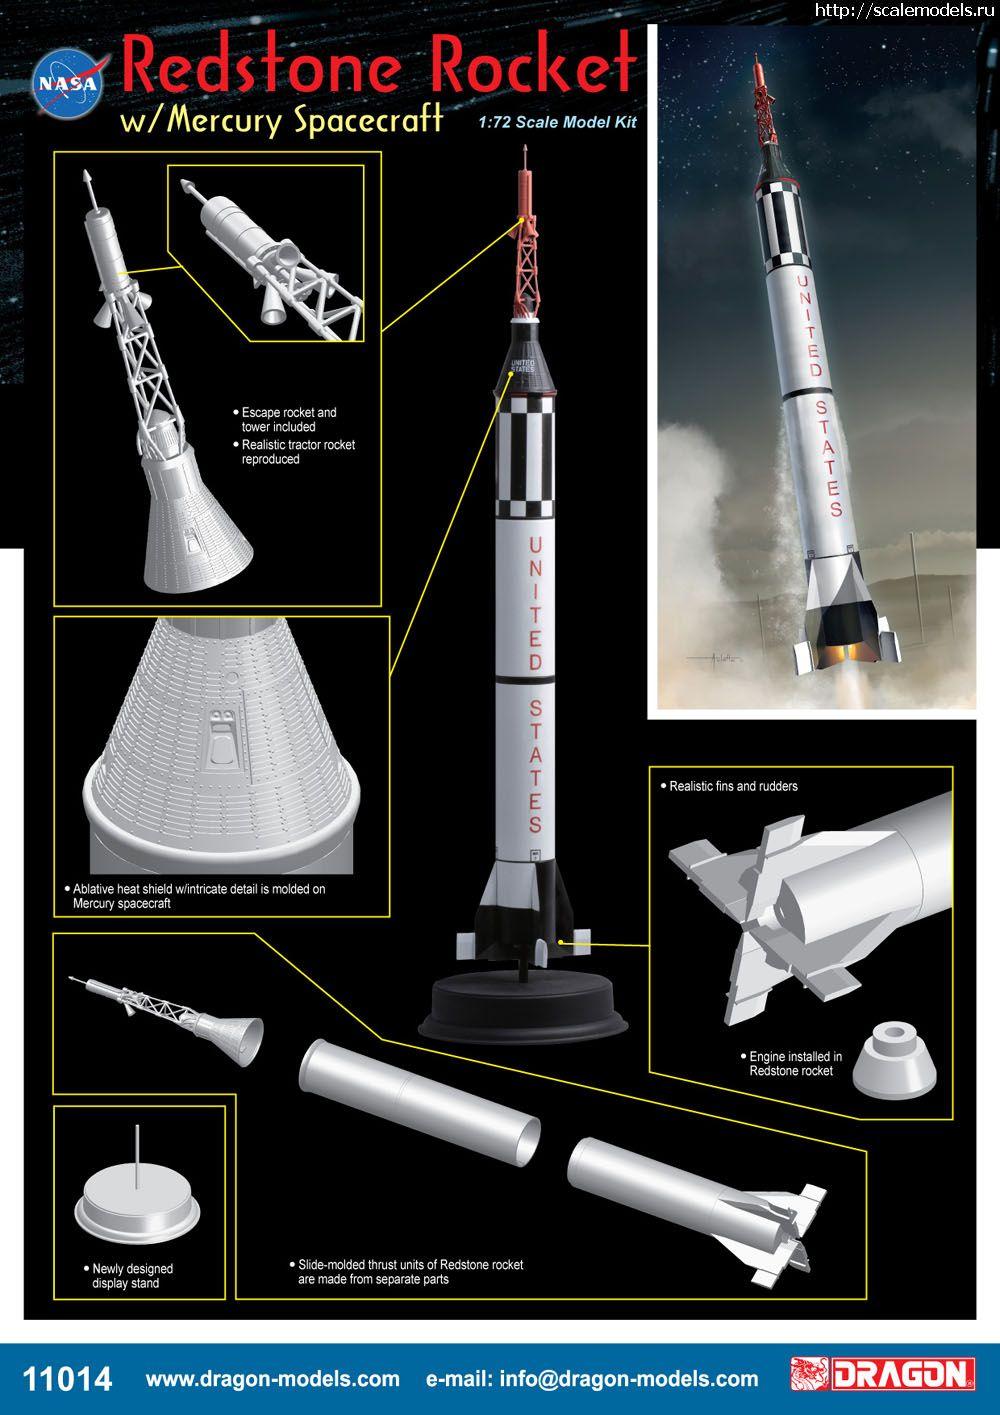 Новинка Dragon: 1/72 Redstone Rocket w/Mercury Spacecraft  Закрыть окно